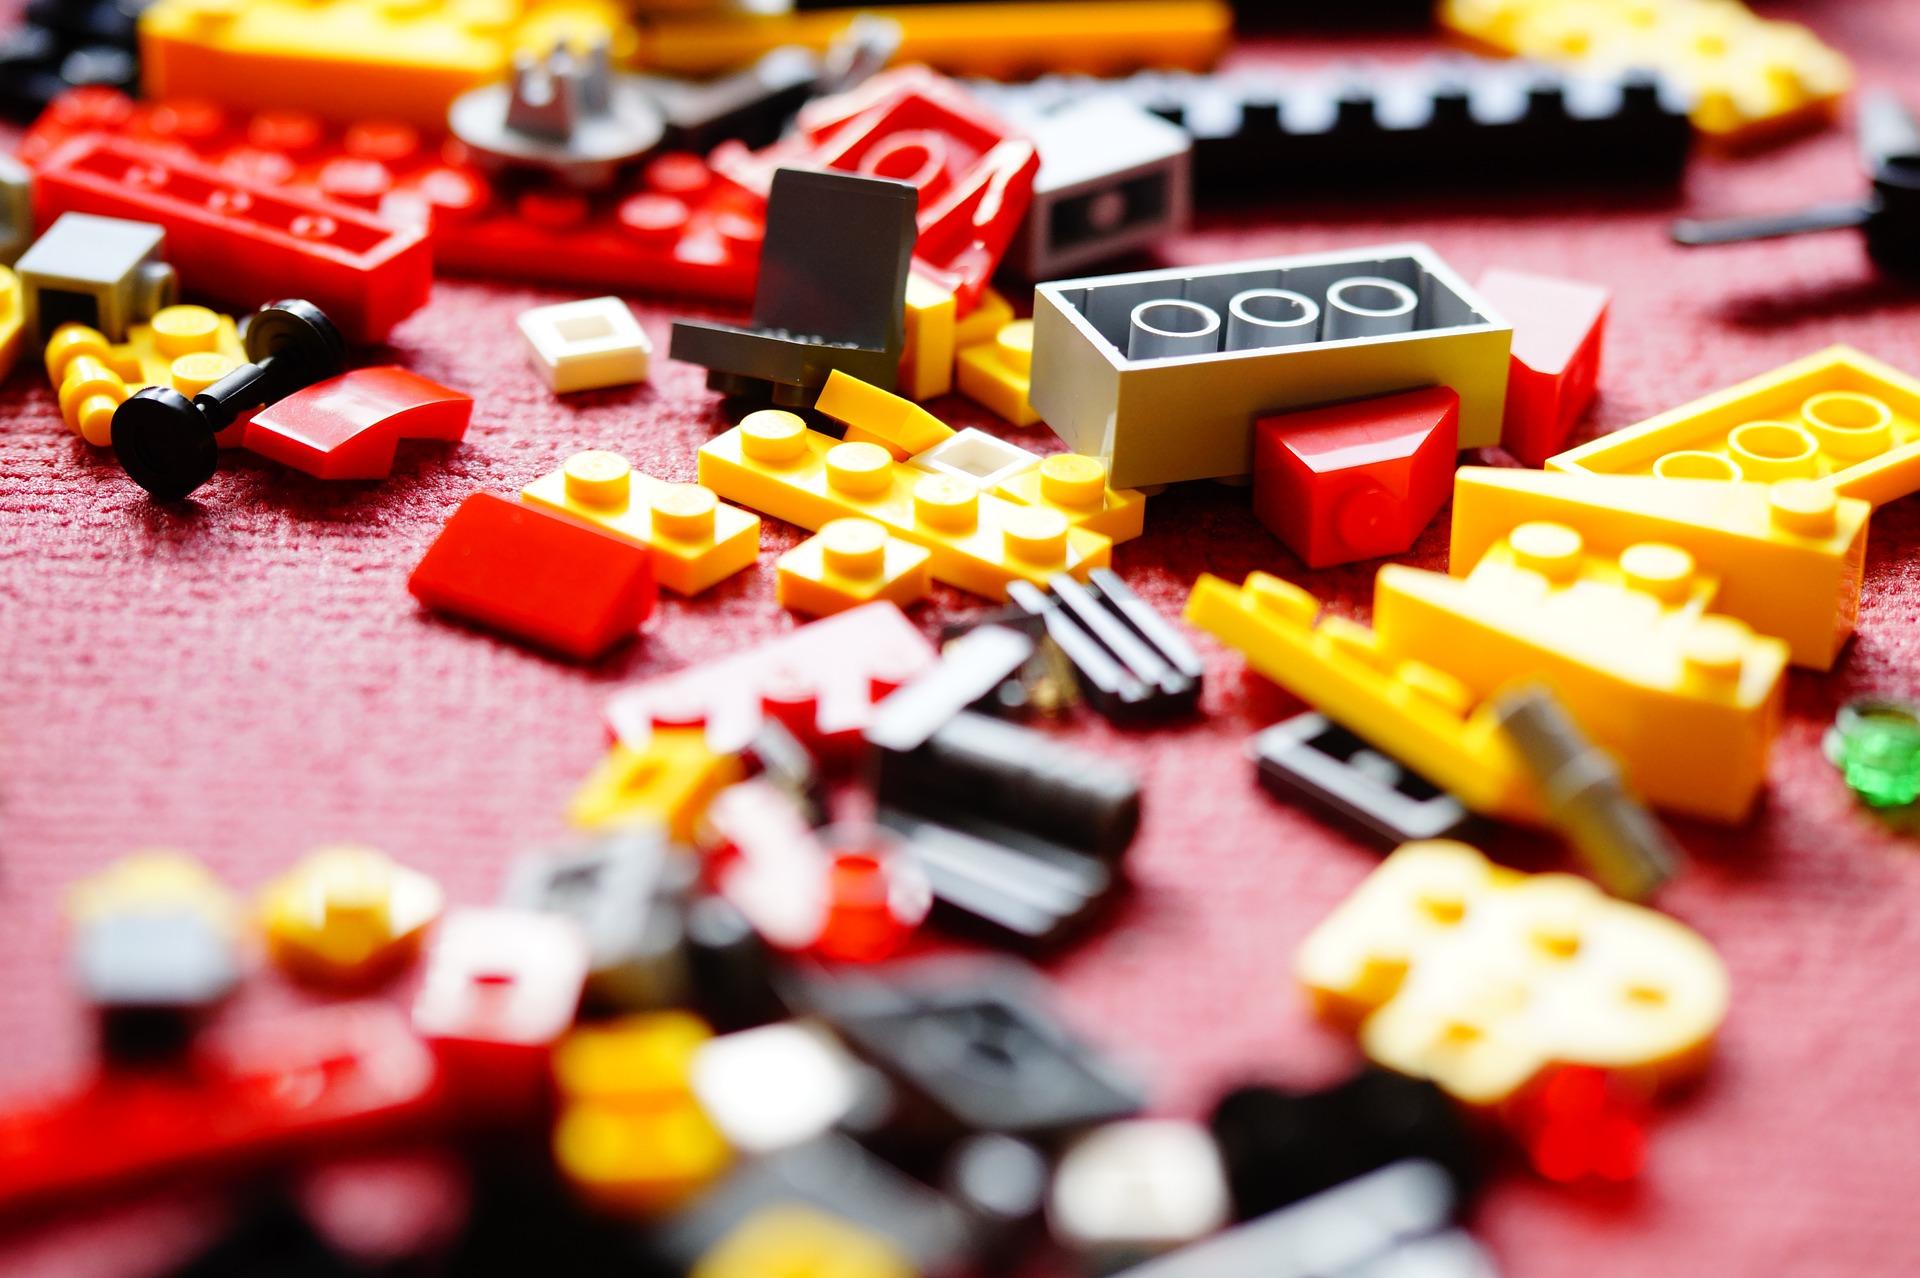 Pracownicy mogą wykonywać konstrukcje np. z klocków (Fot. Shutterstock)